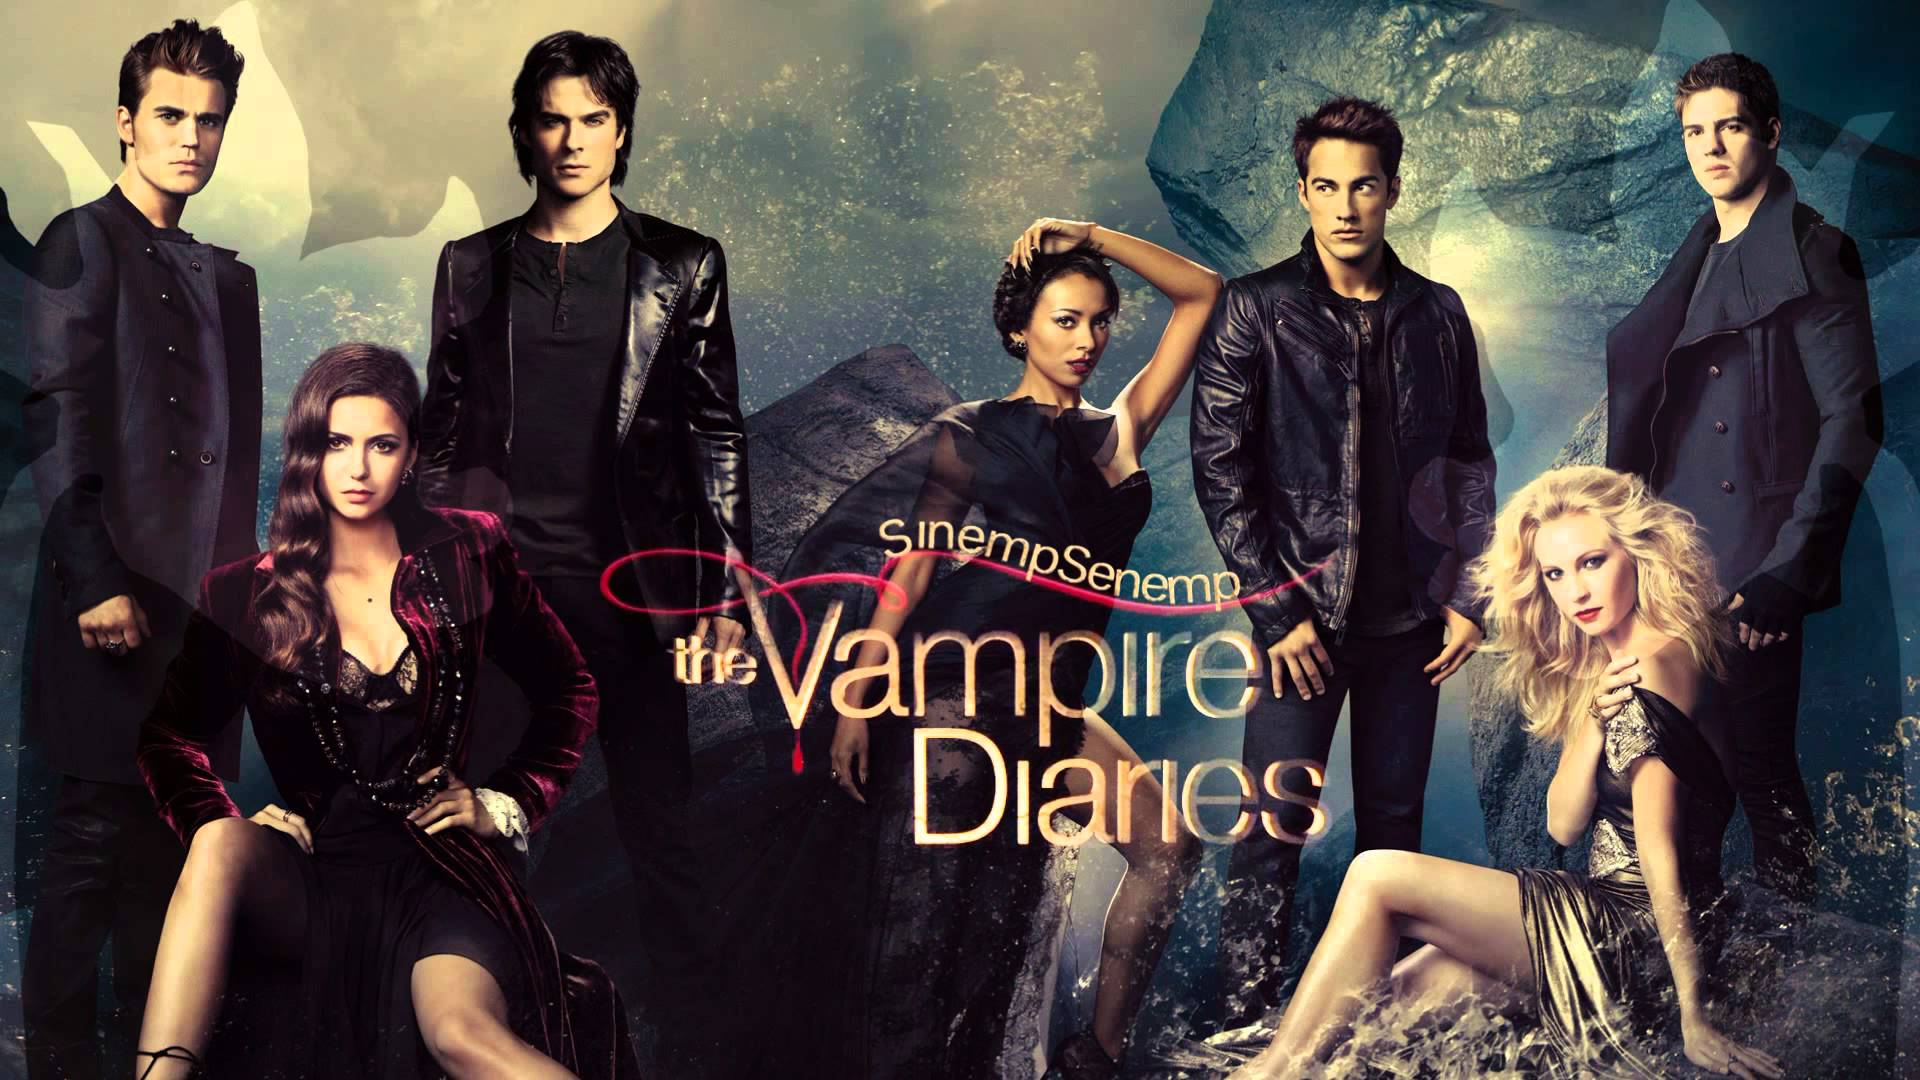 Vampire Diaries Wallpaper Season - Vampire Diaries Säsong 7 , HD Wallpaper & Backgrounds